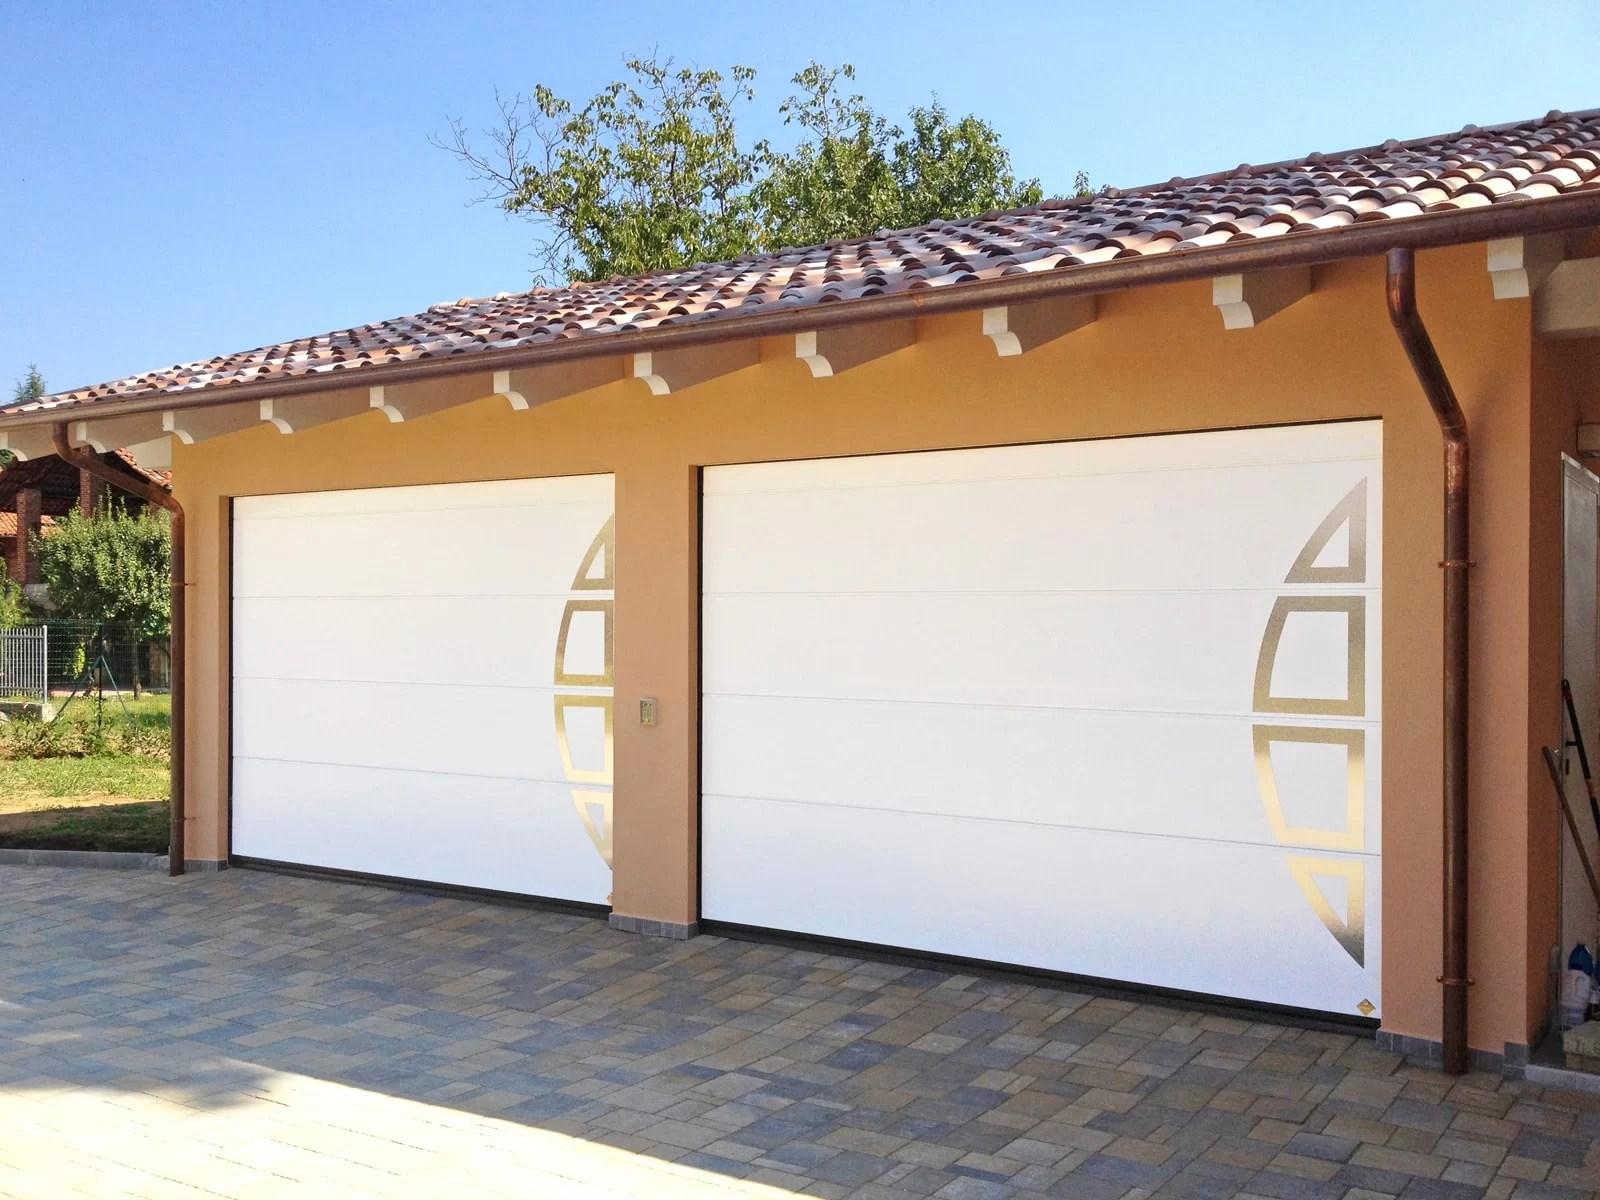 Portone sezionale da garage PERSUS DISEGNI SPECIALI - B200